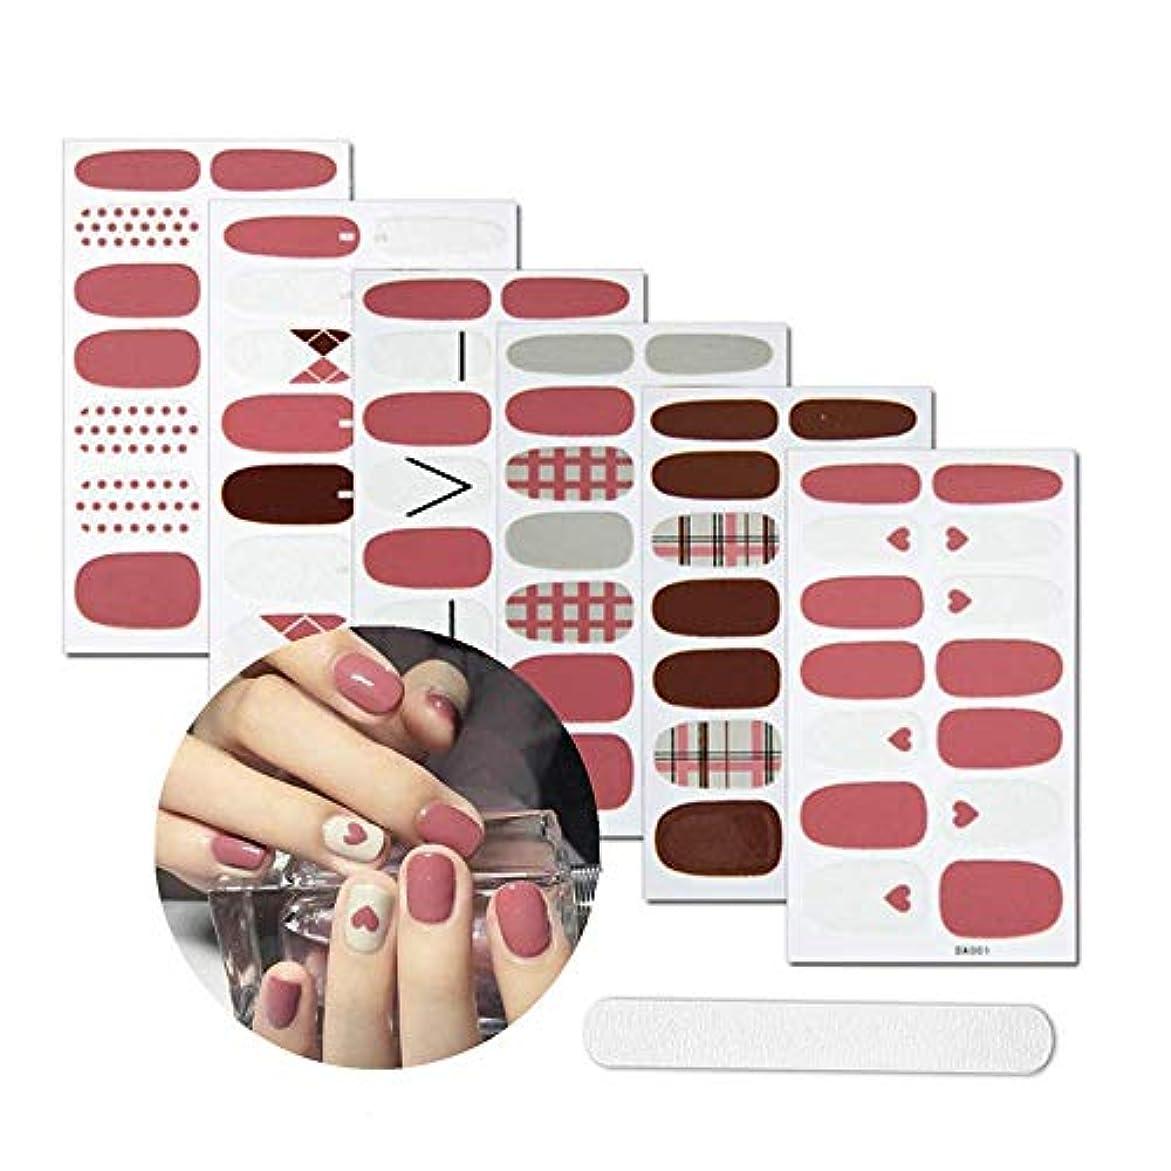 描写価値怖いネイルシール 貼るだけマニキュア 6枚セット ネイルアート ネイルステッカー ネイルアクセサリー女性 簡単 レディースプレゼント ギフト可愛い 人気 おしゃれ上級 爪やすり1本付き